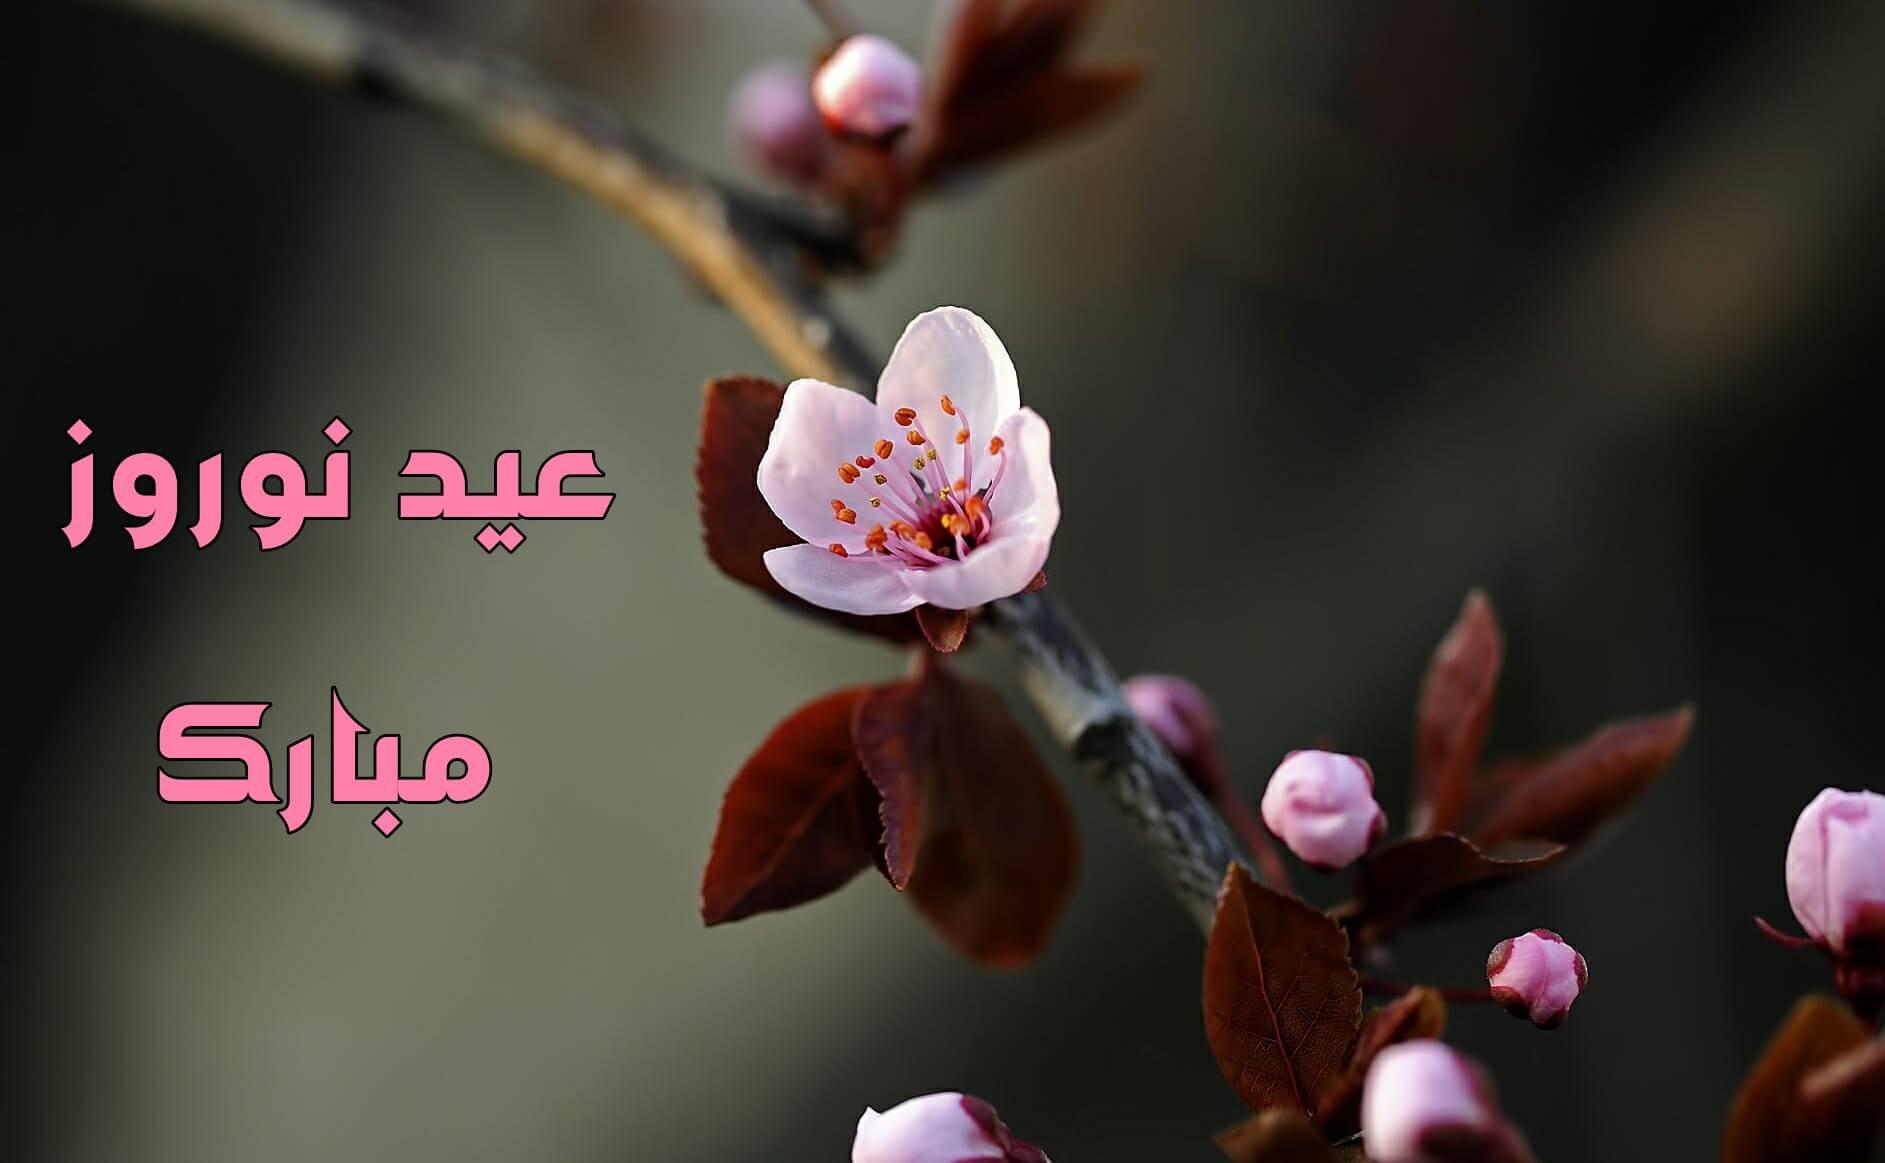 کارت پستال موزیکال عید نوروز مبارک